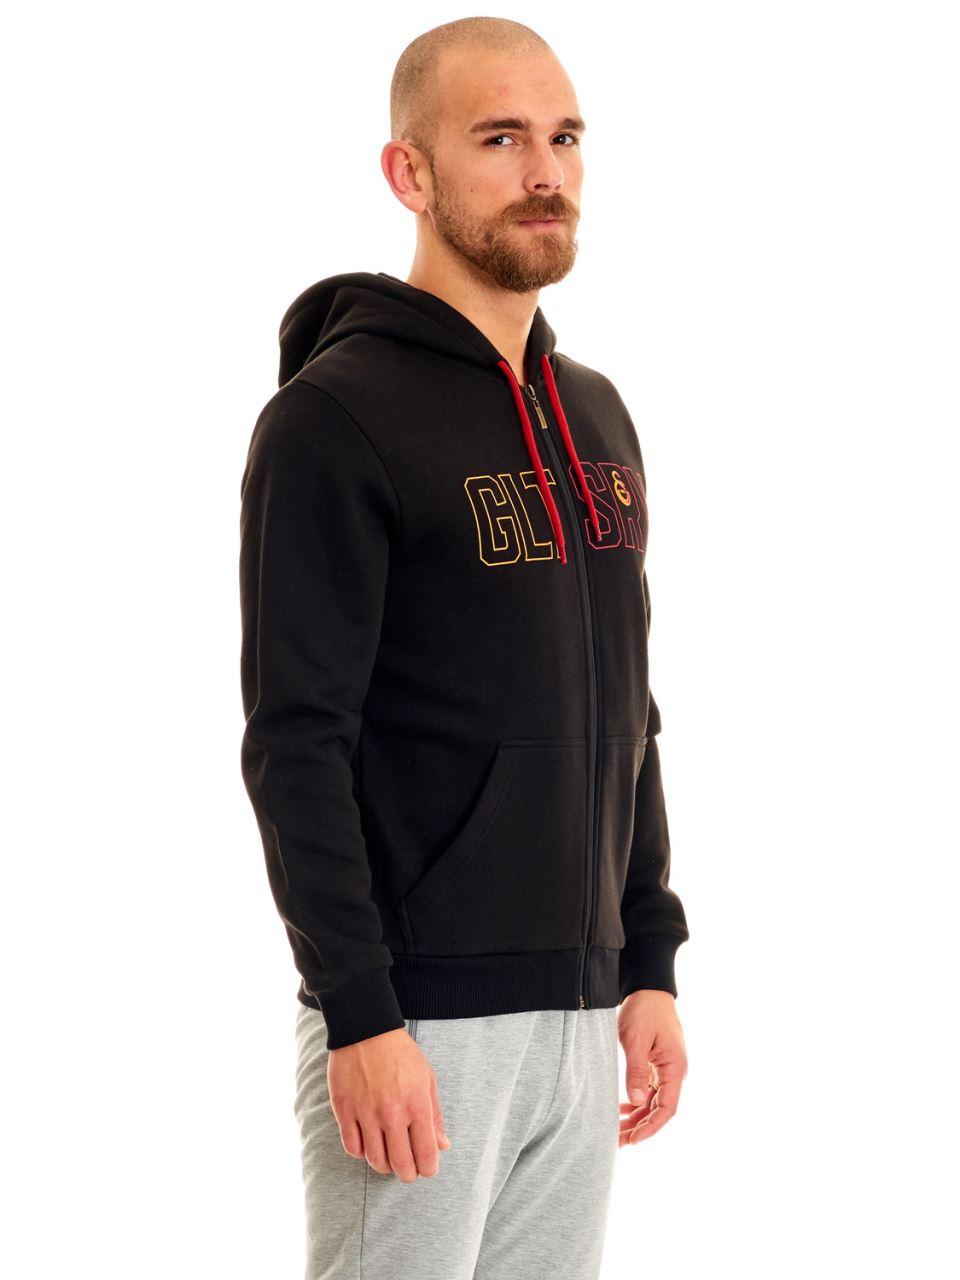 Gltsry Erkek Fermuarlı Sweatshirt E192079